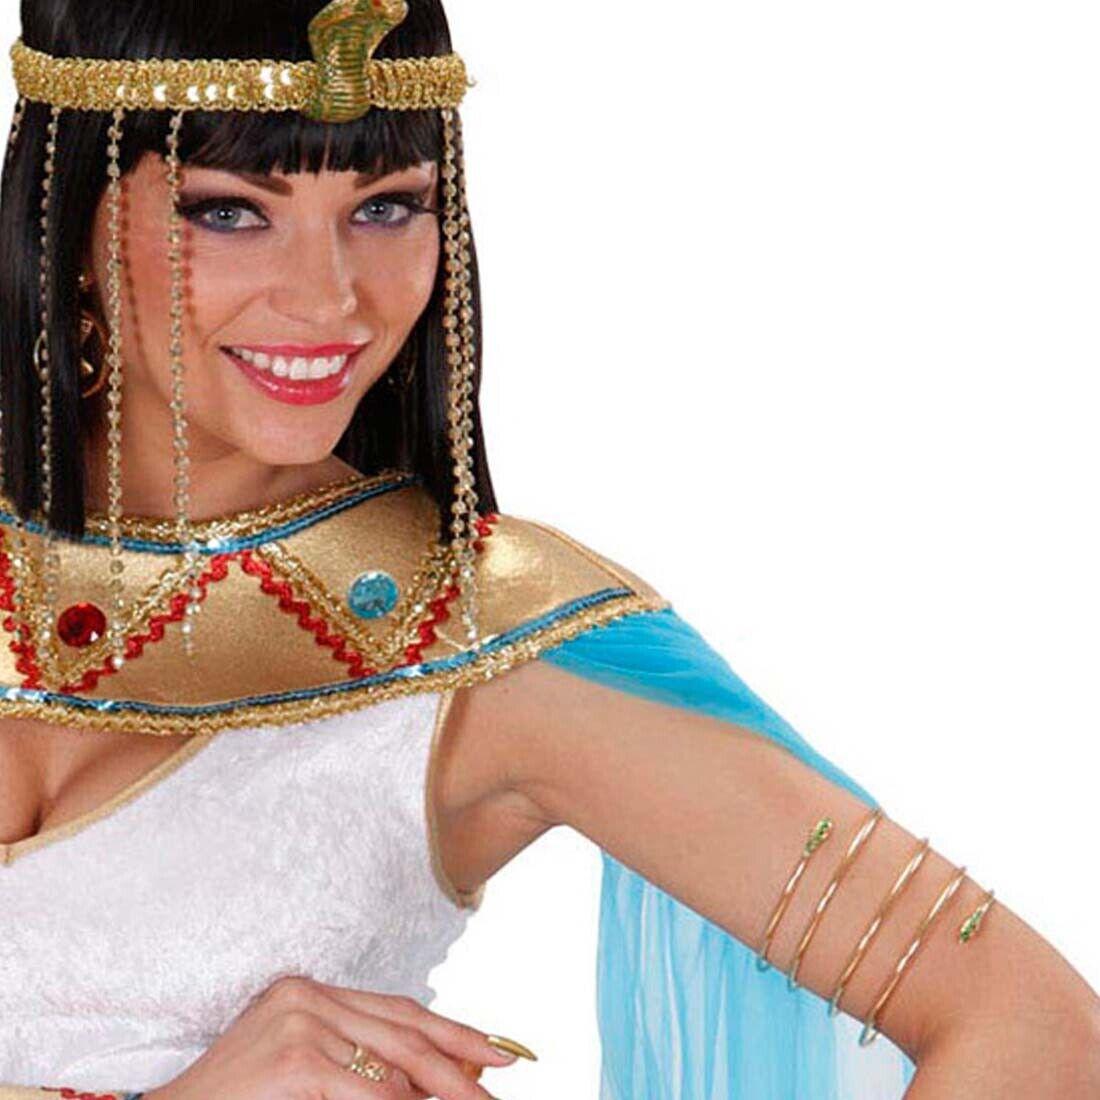 Schlangen Armband Cleopatra Armreif Schmuck Königin Antike Göttin Orient Kostüm